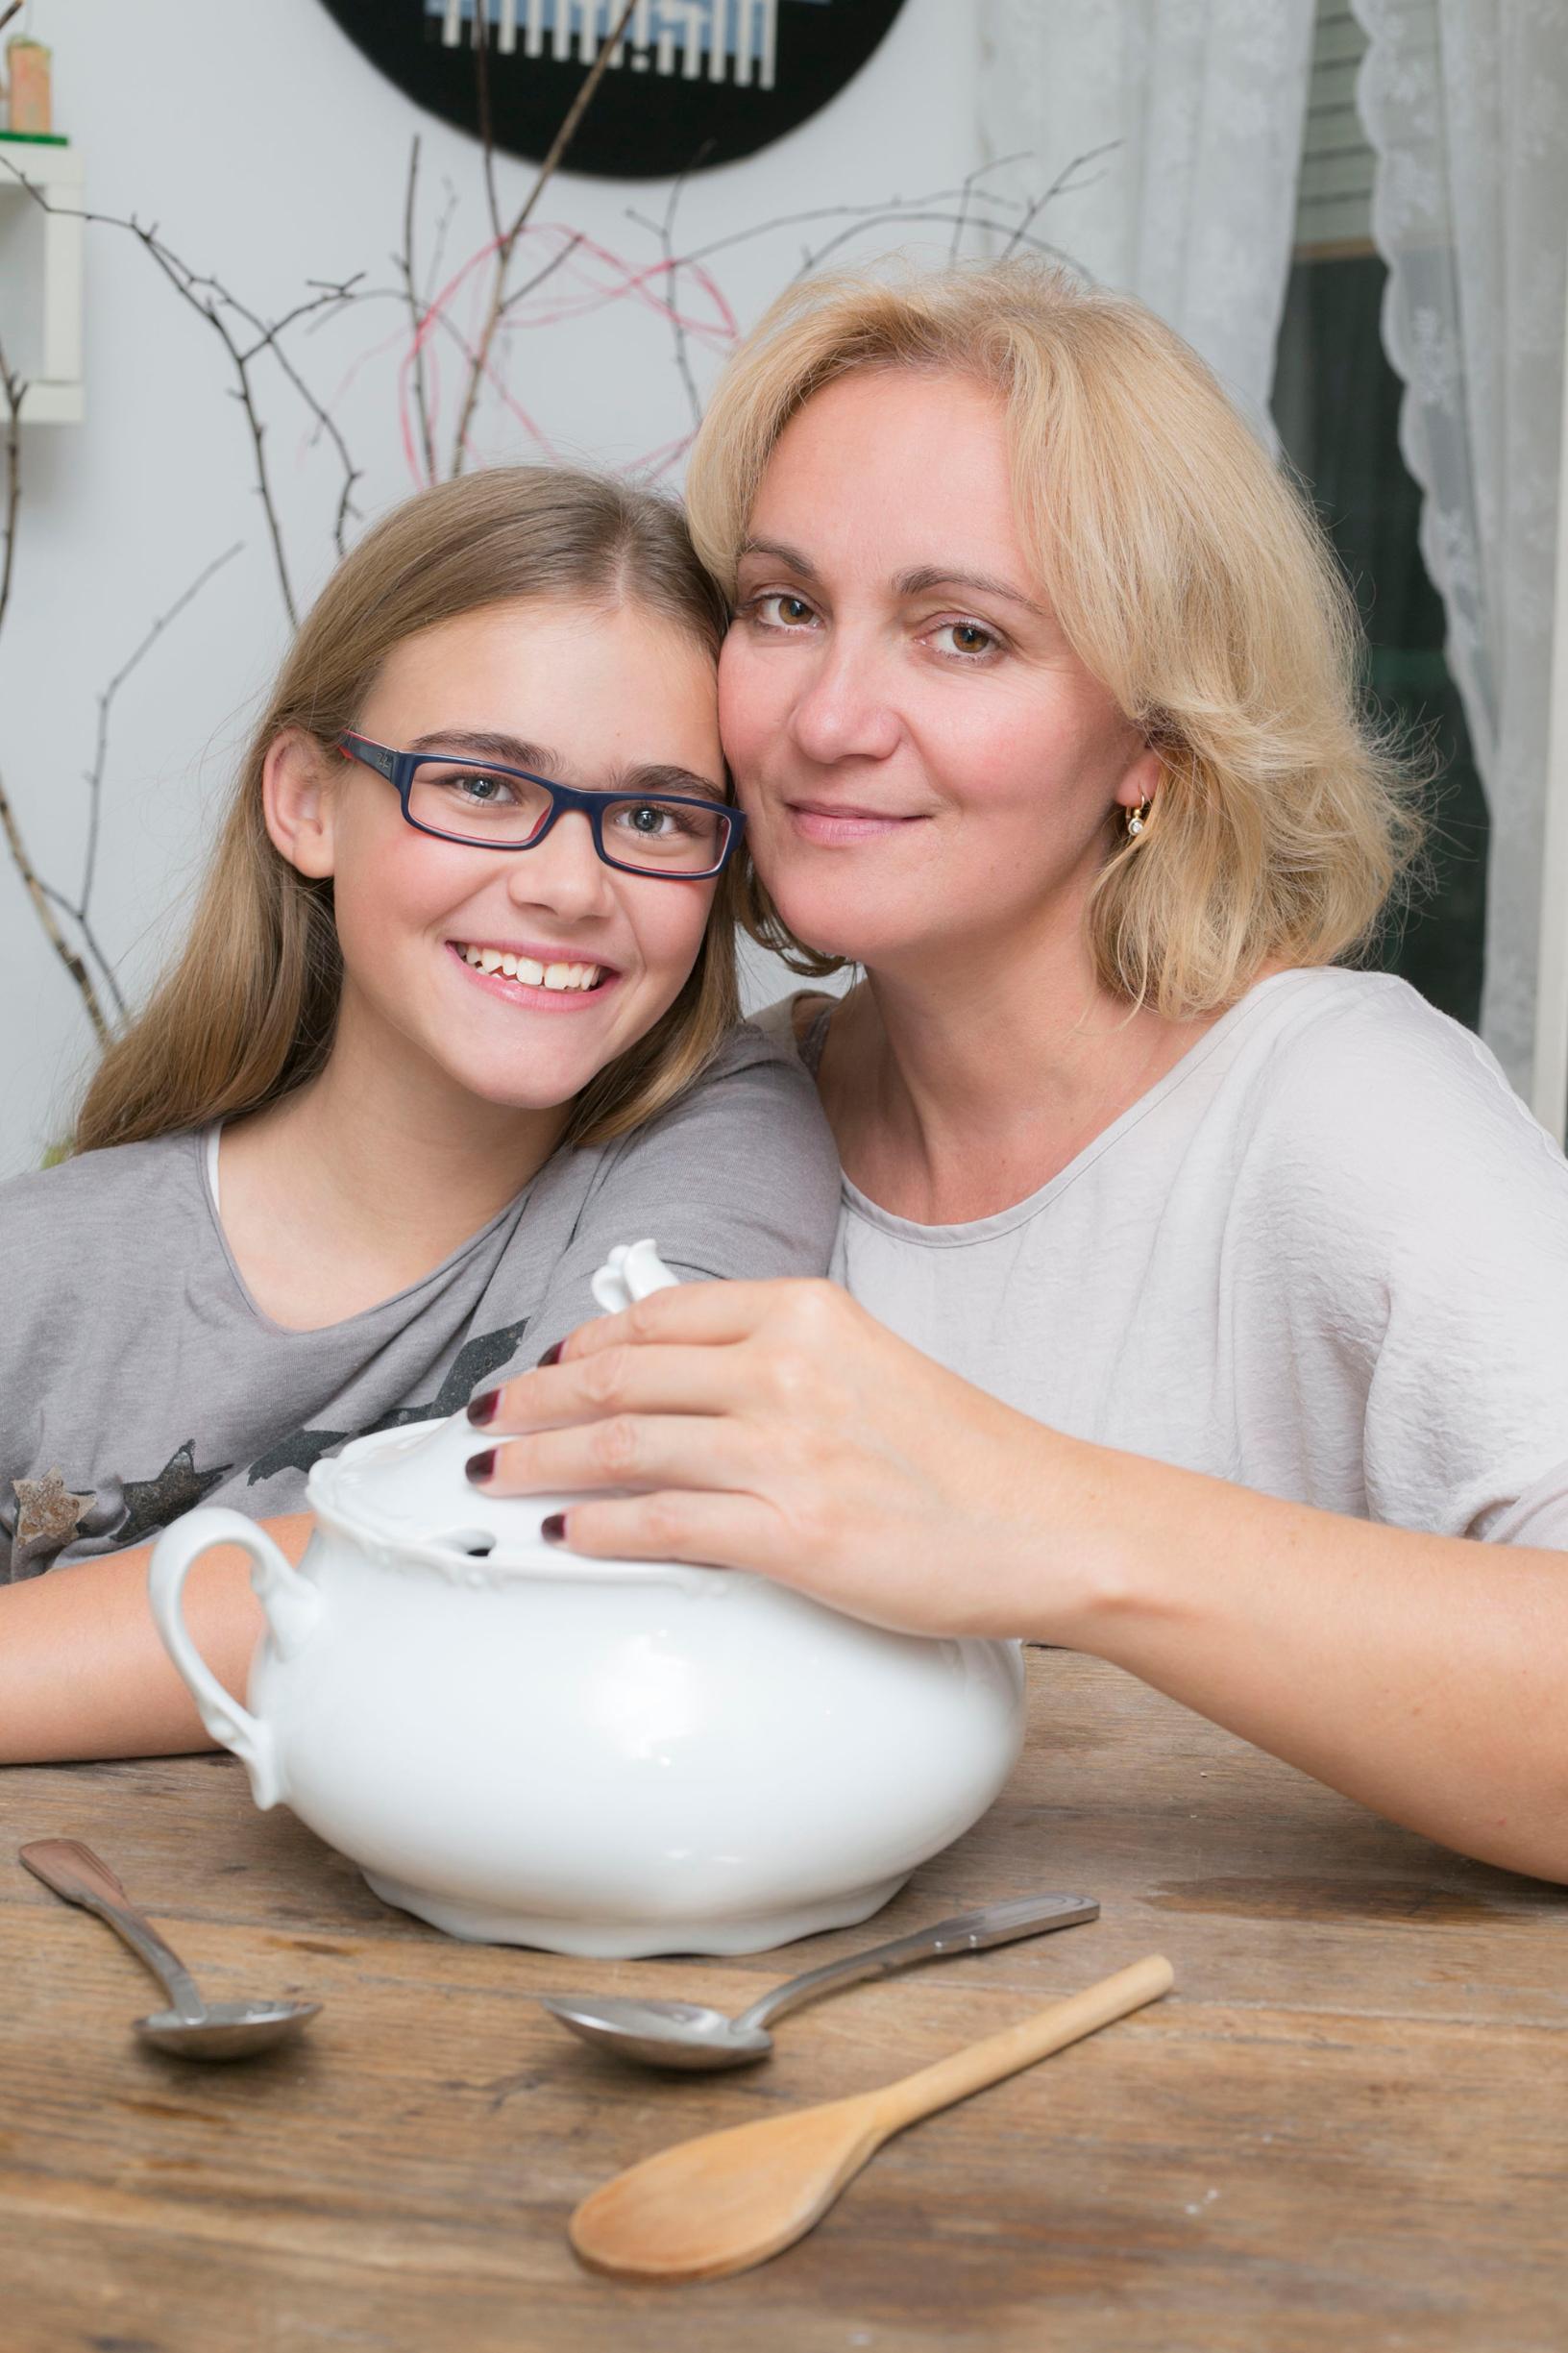 Alergije zbog kojih je Lucija jela zdravije od svojih vršnjaka s godinama su prolazile, no ona i njezina mama unatoč tome nisu odustale kuhati i jesti zdravo